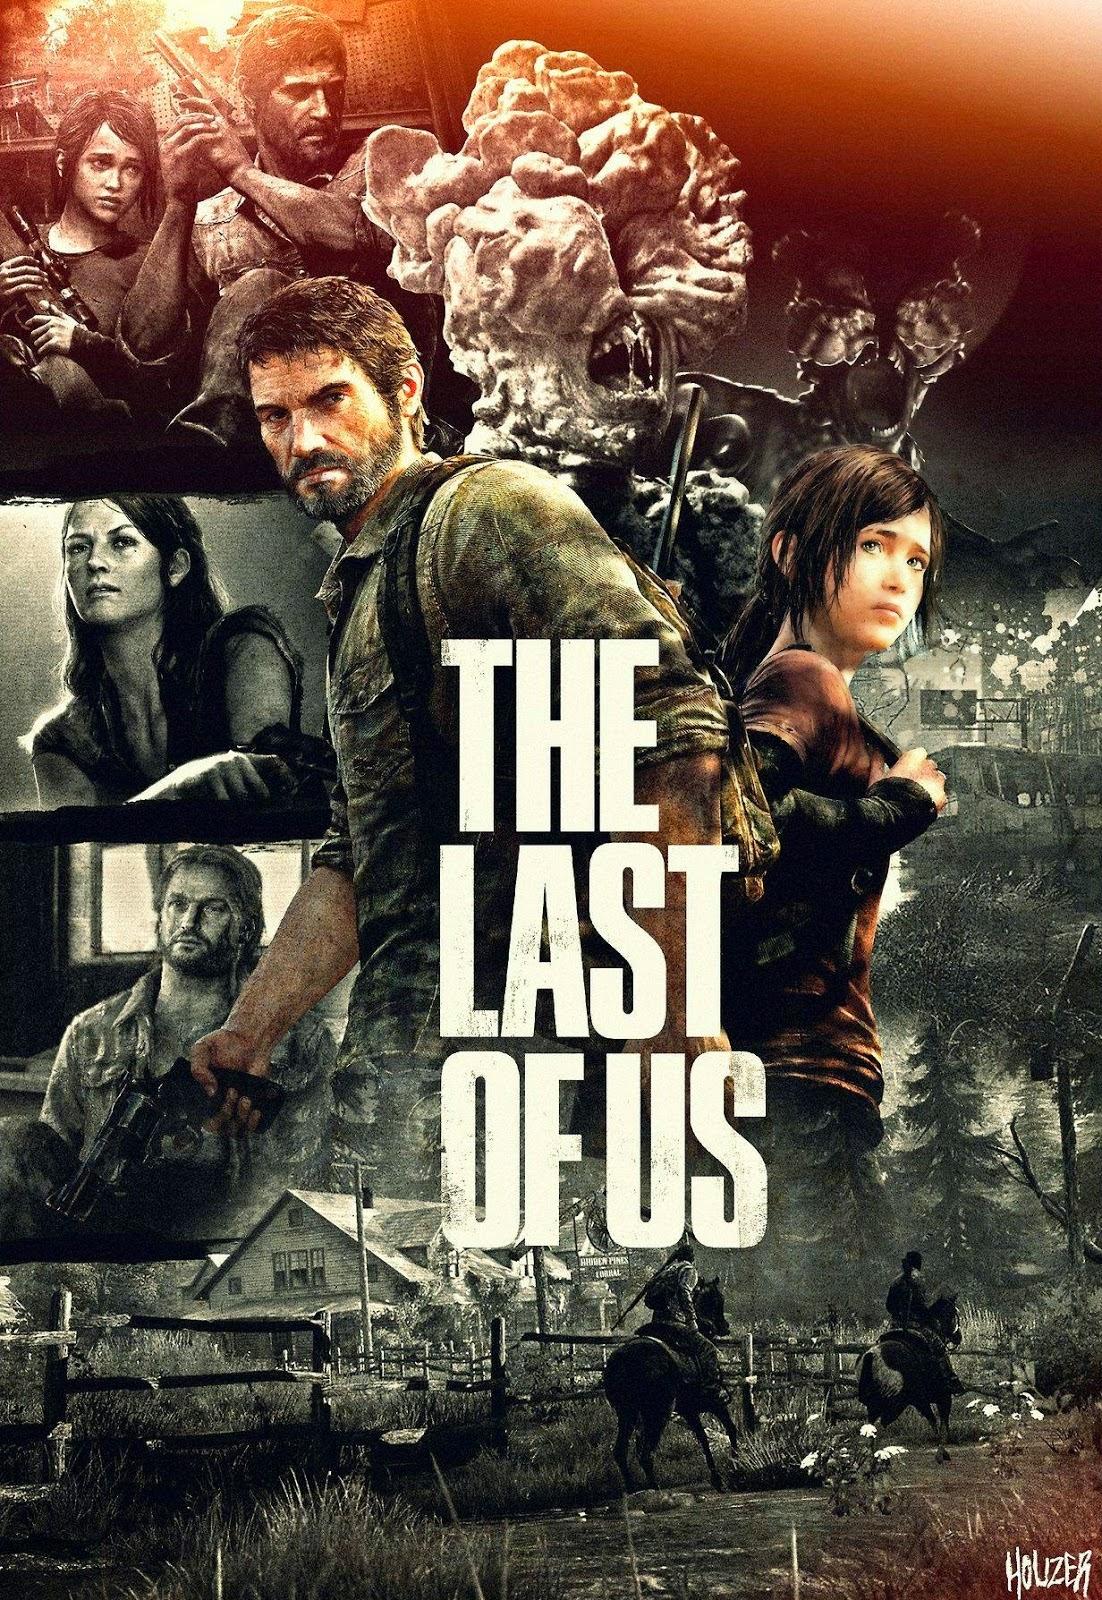 http://superheroesrevelados.blogspot.com.ar/2014/11/the-last-of-us-movie.html